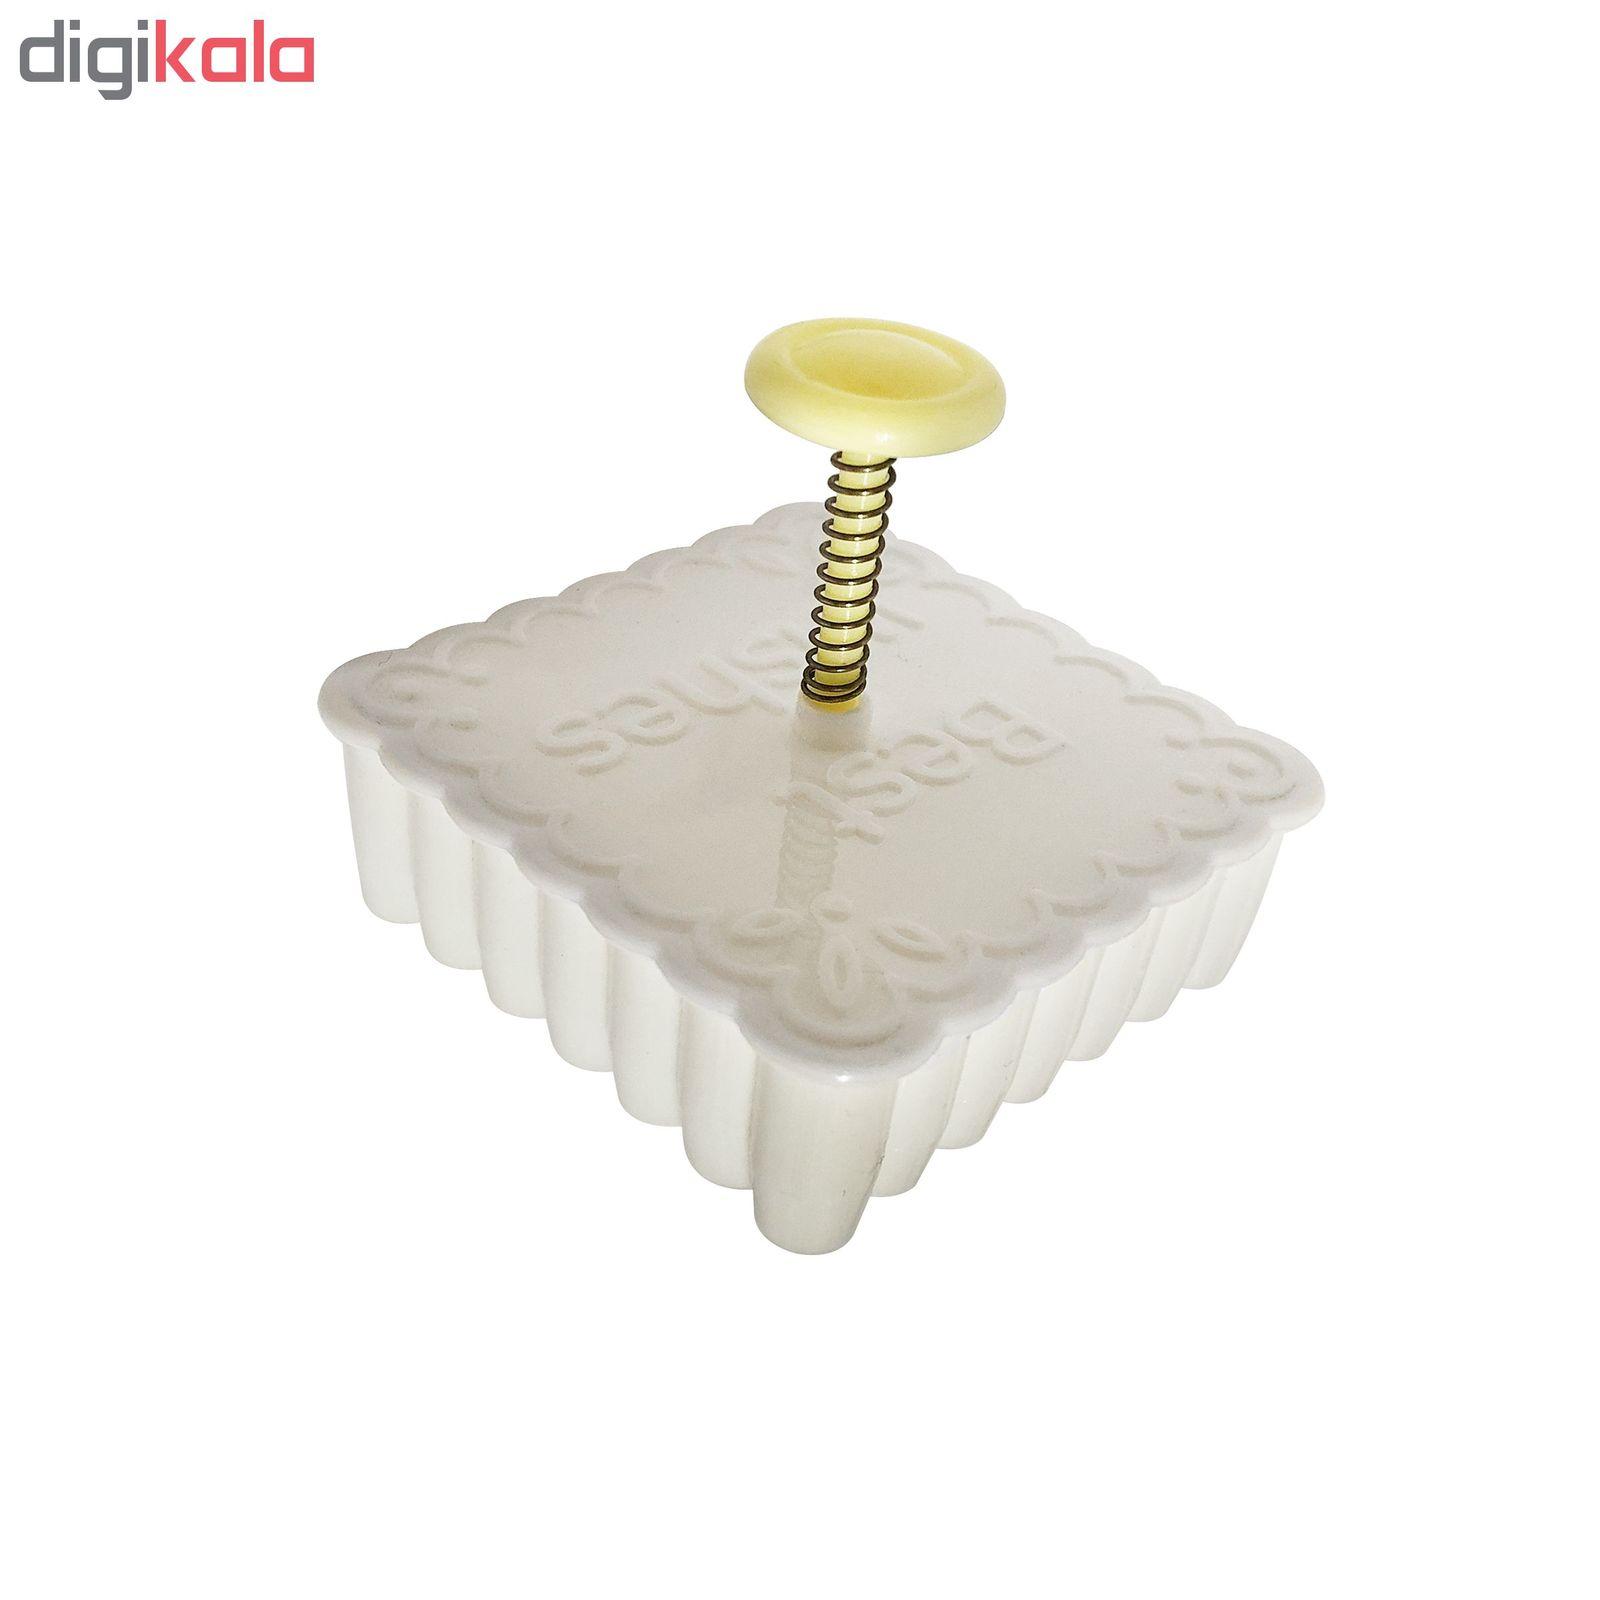 کاتر شیرینی پزی مدل Bis کد WSH main 1 1